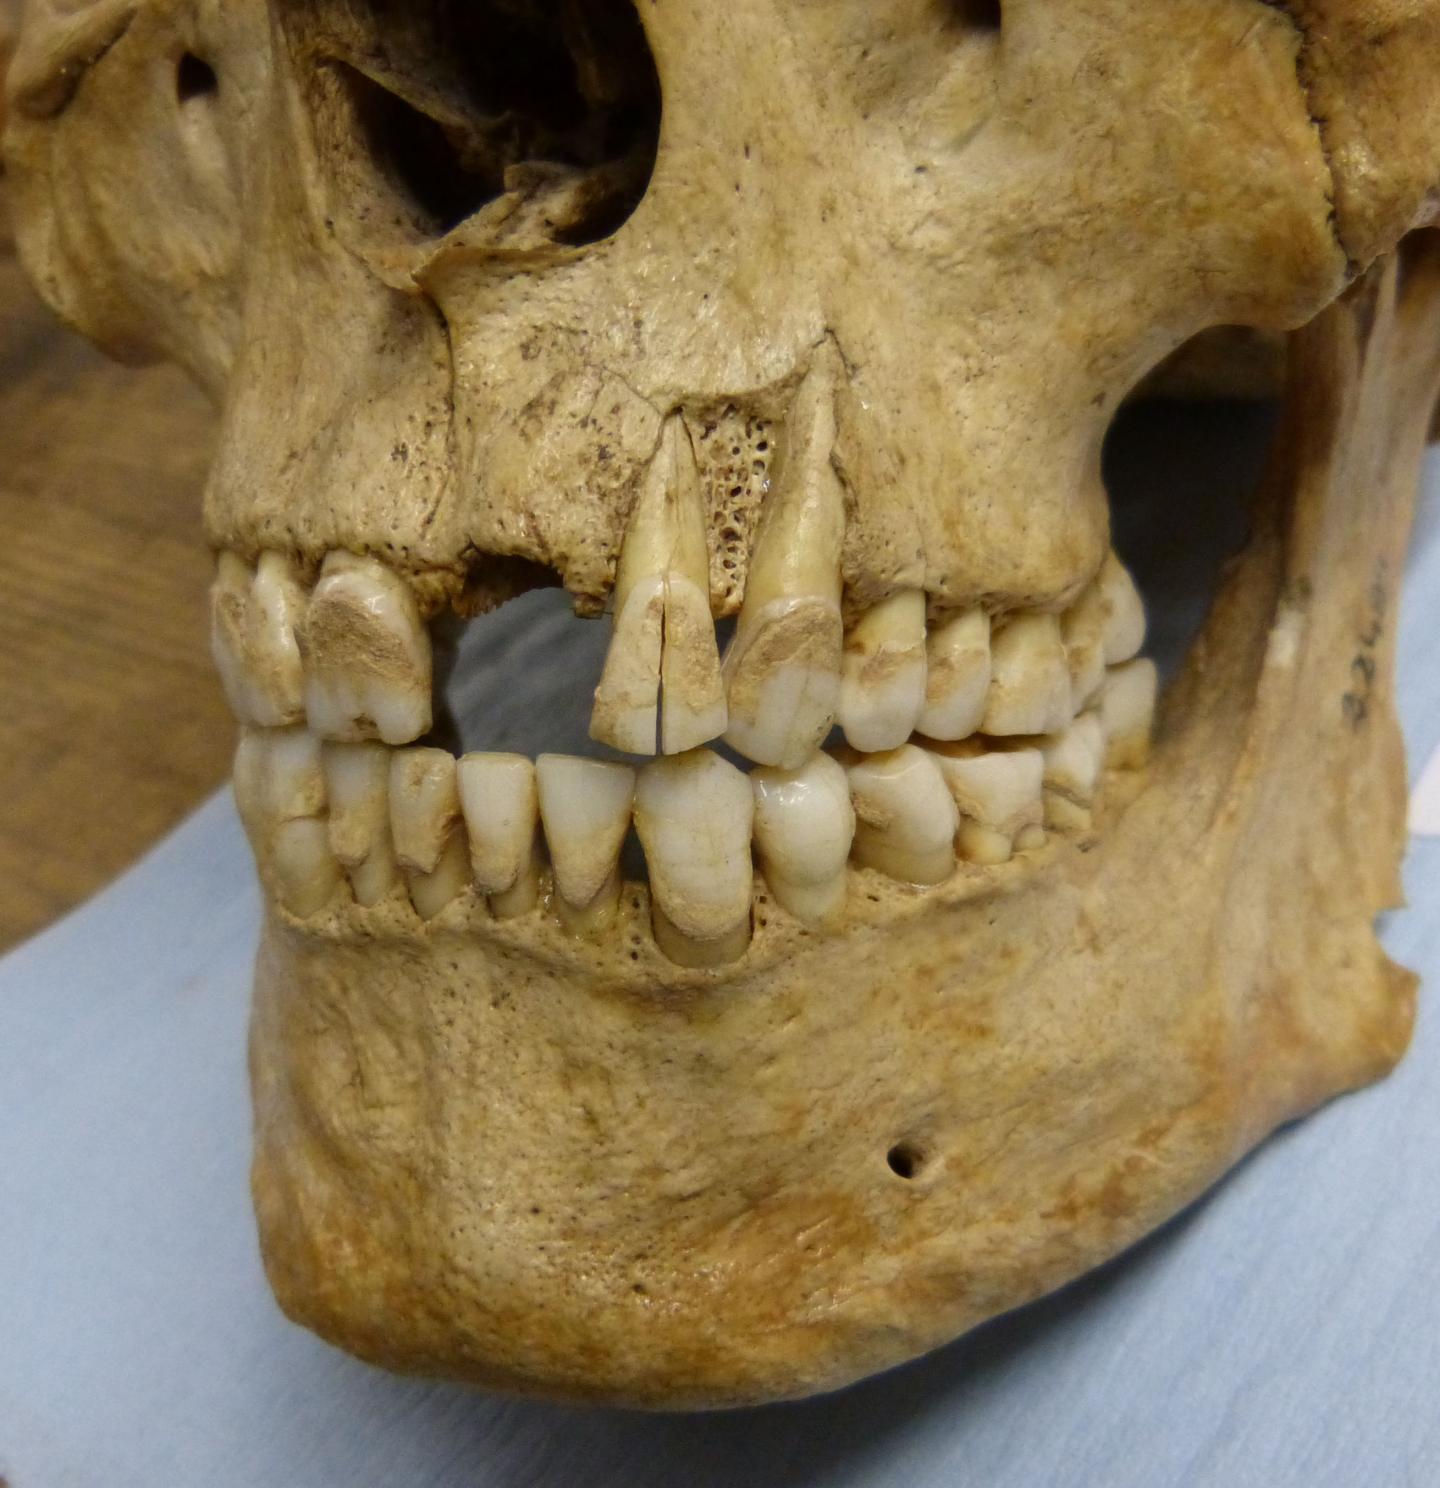 Skeleton Sampled for the Study